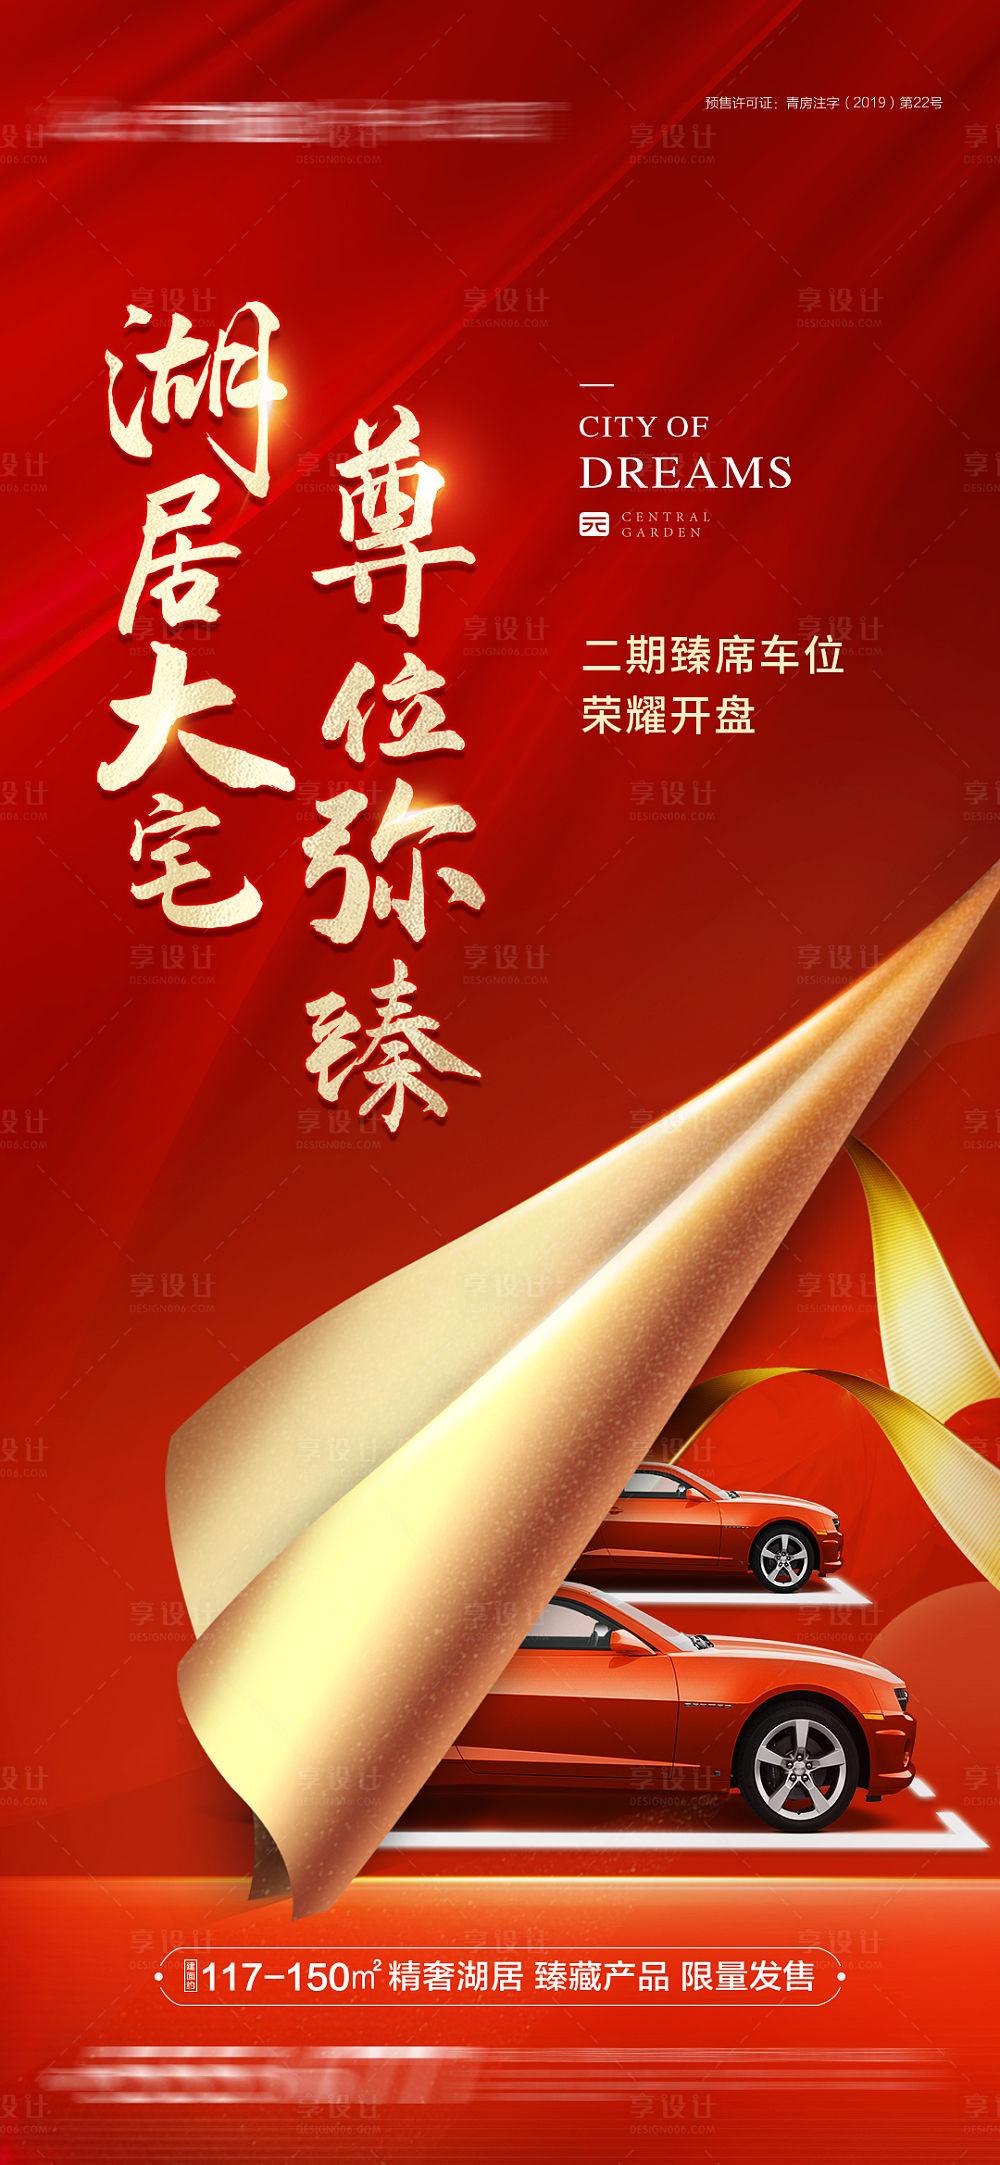 【源文件下载】 海报 房地产 车位 开盘 红金设计作品 设计图集